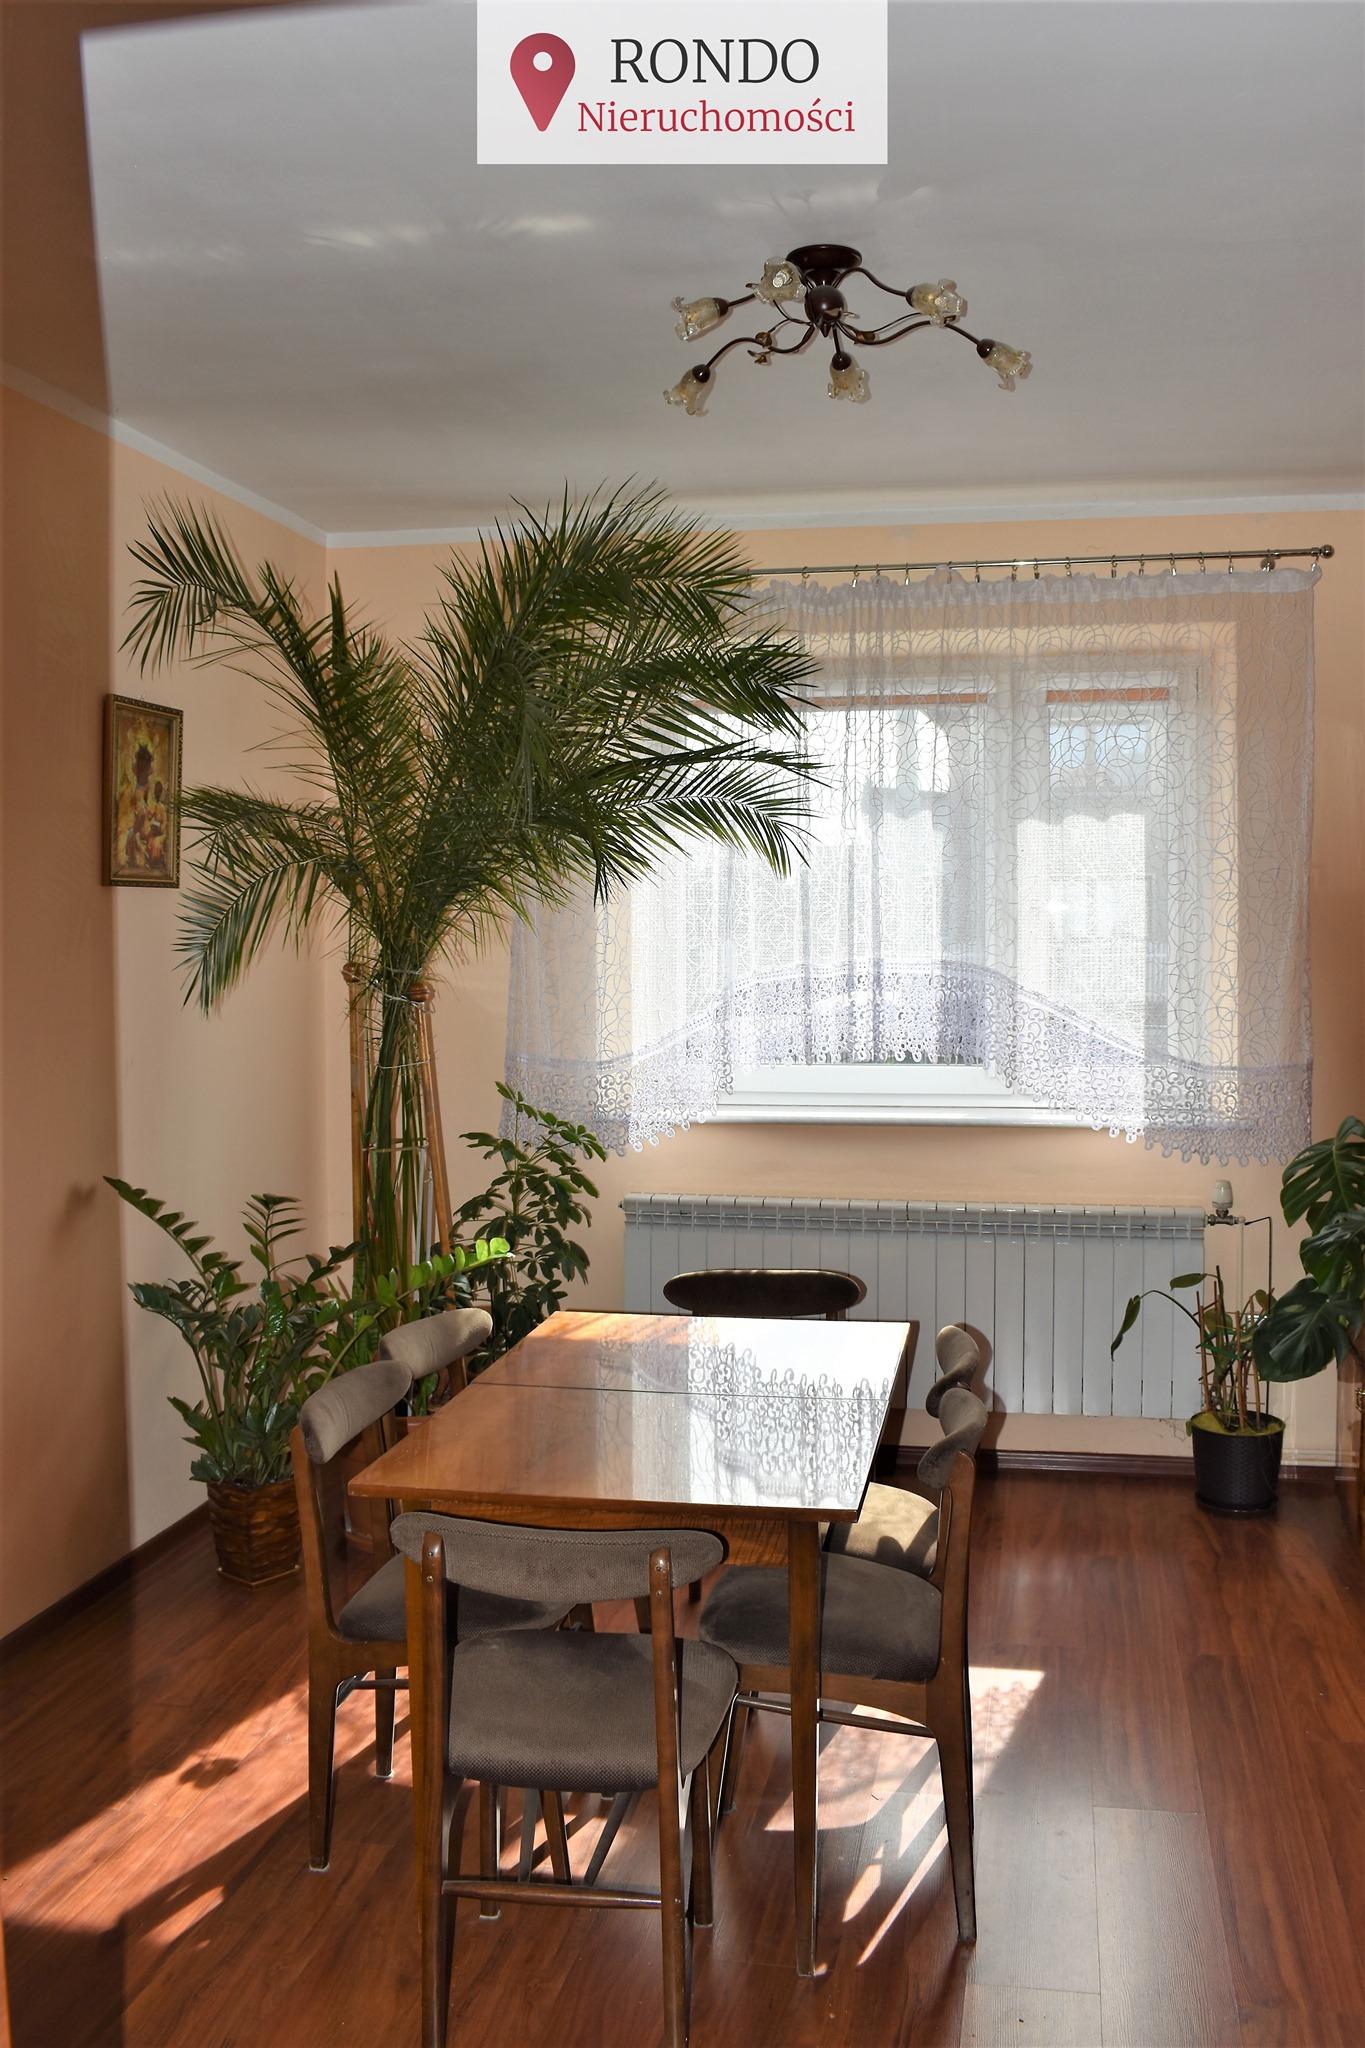 Dom do wynajęcia z fotowoltaniką w Skalmierzycach